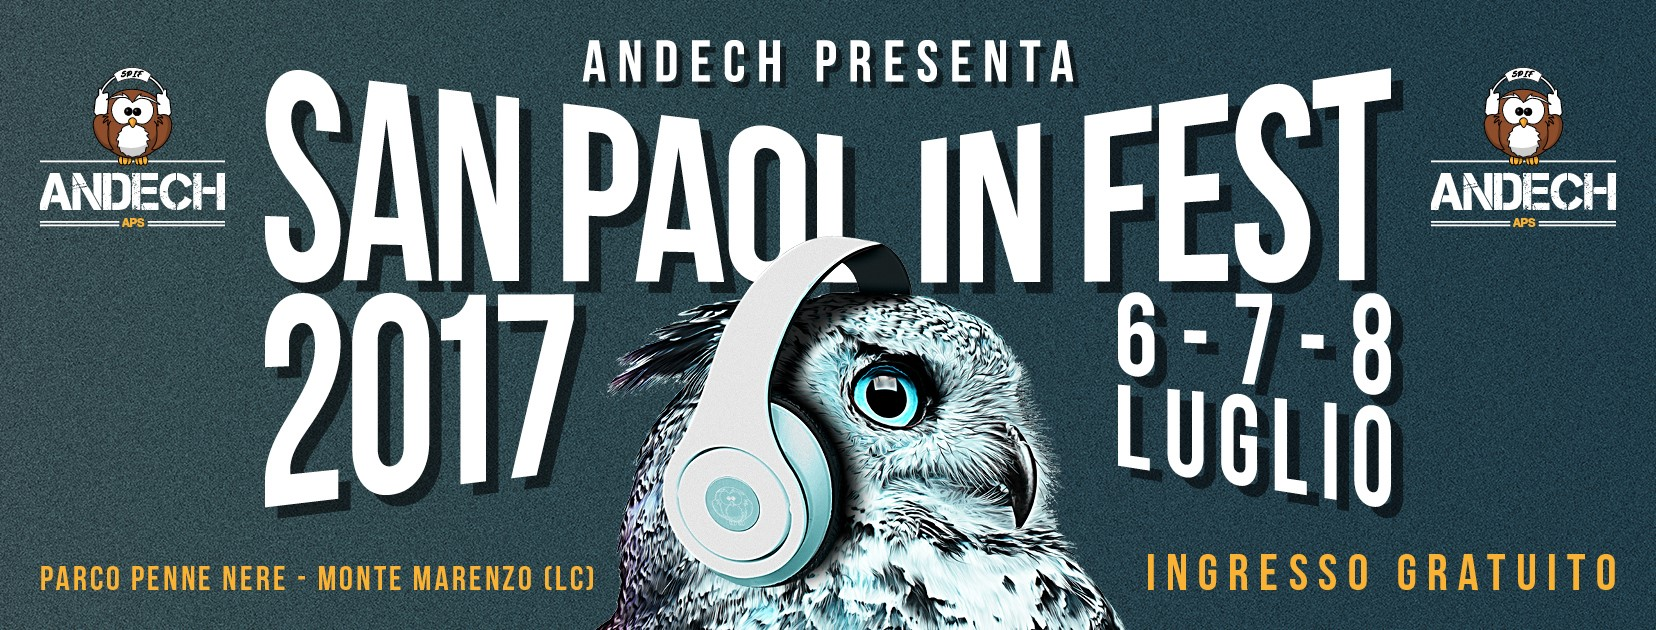 San Paol in Fest 2017